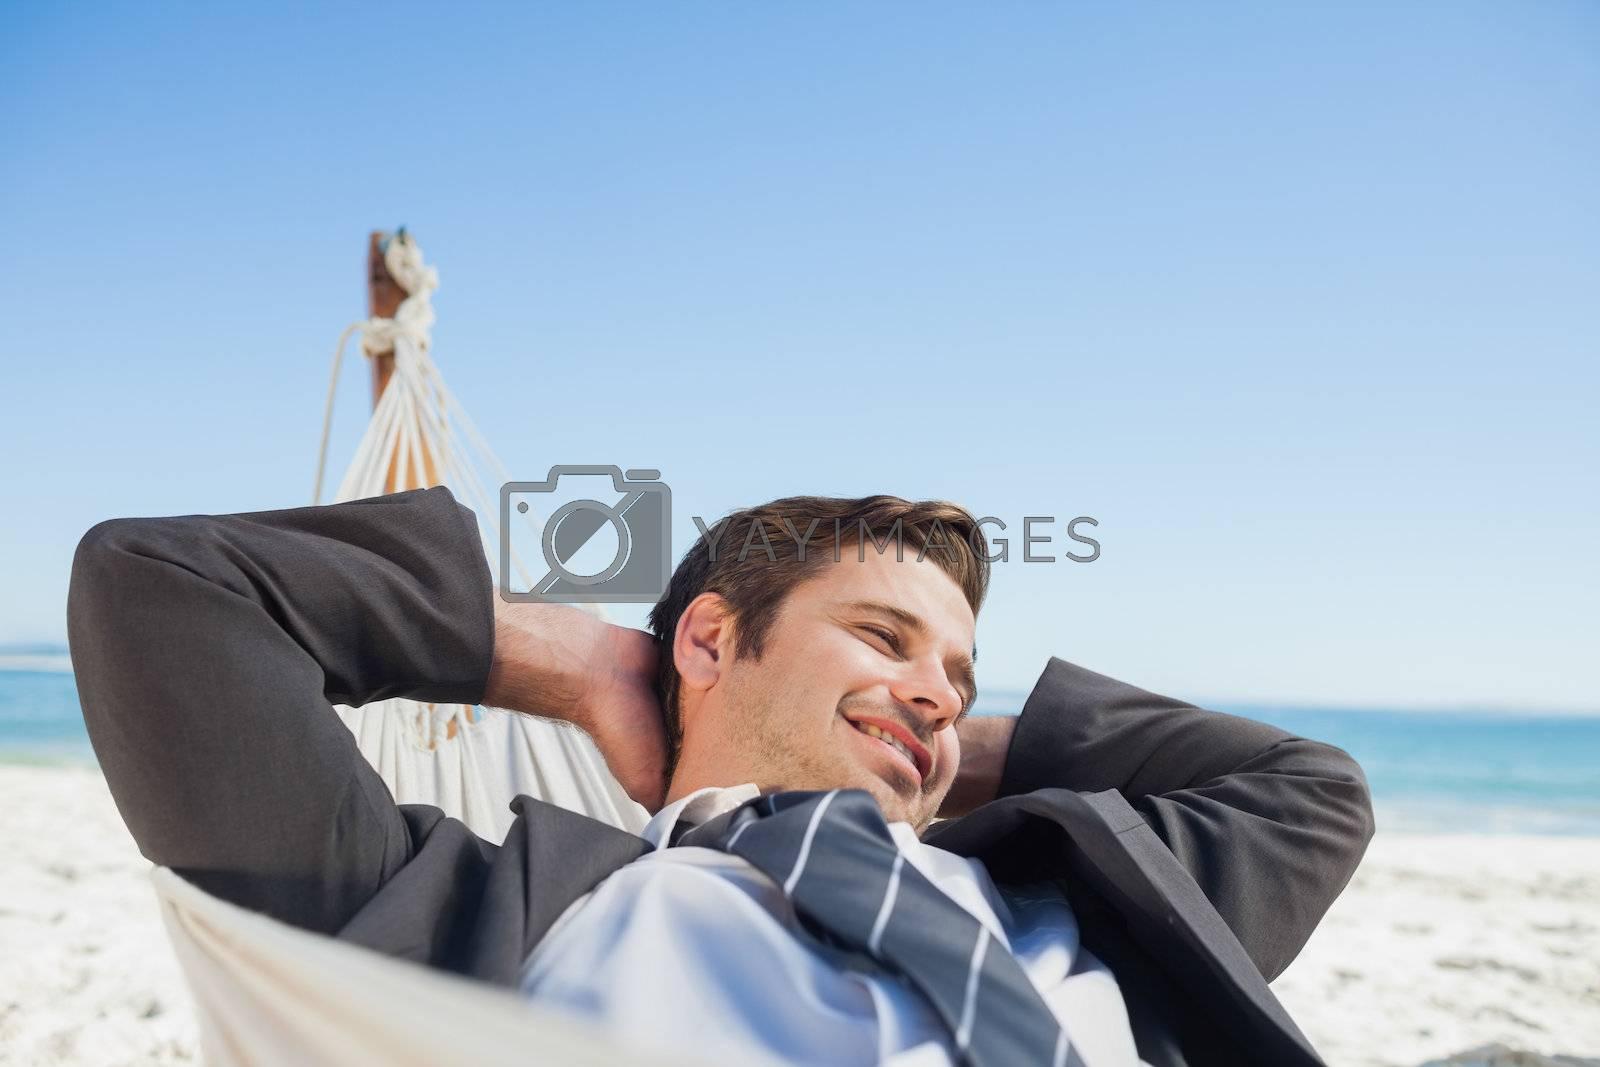 Businessman relaxing in hammock by Wavebreakmedia